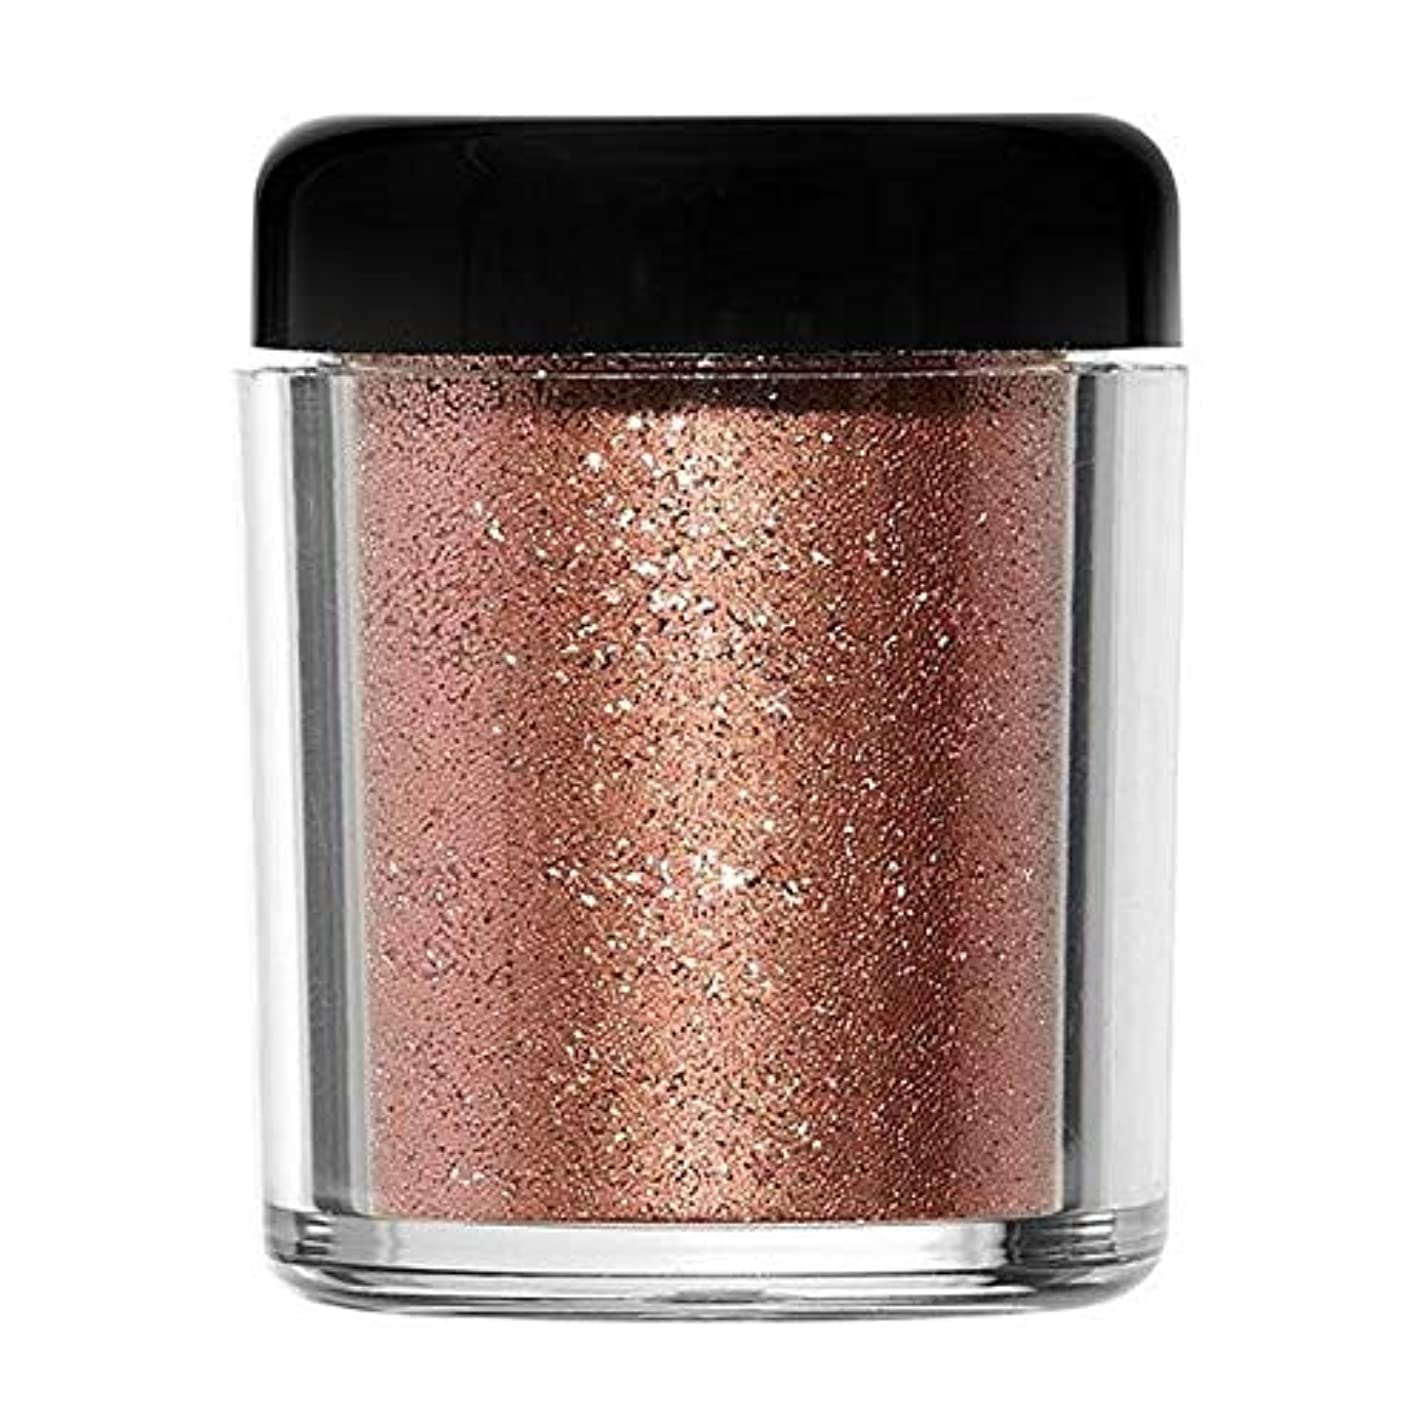 成功黙認するコンプライアンス[Barry M ] バリーメートルのグリッターラッシュボディの輝き - ローズクォーツ - Barry M Glitter Rush Body Glitter - Rose Quartz [並行輸入品]